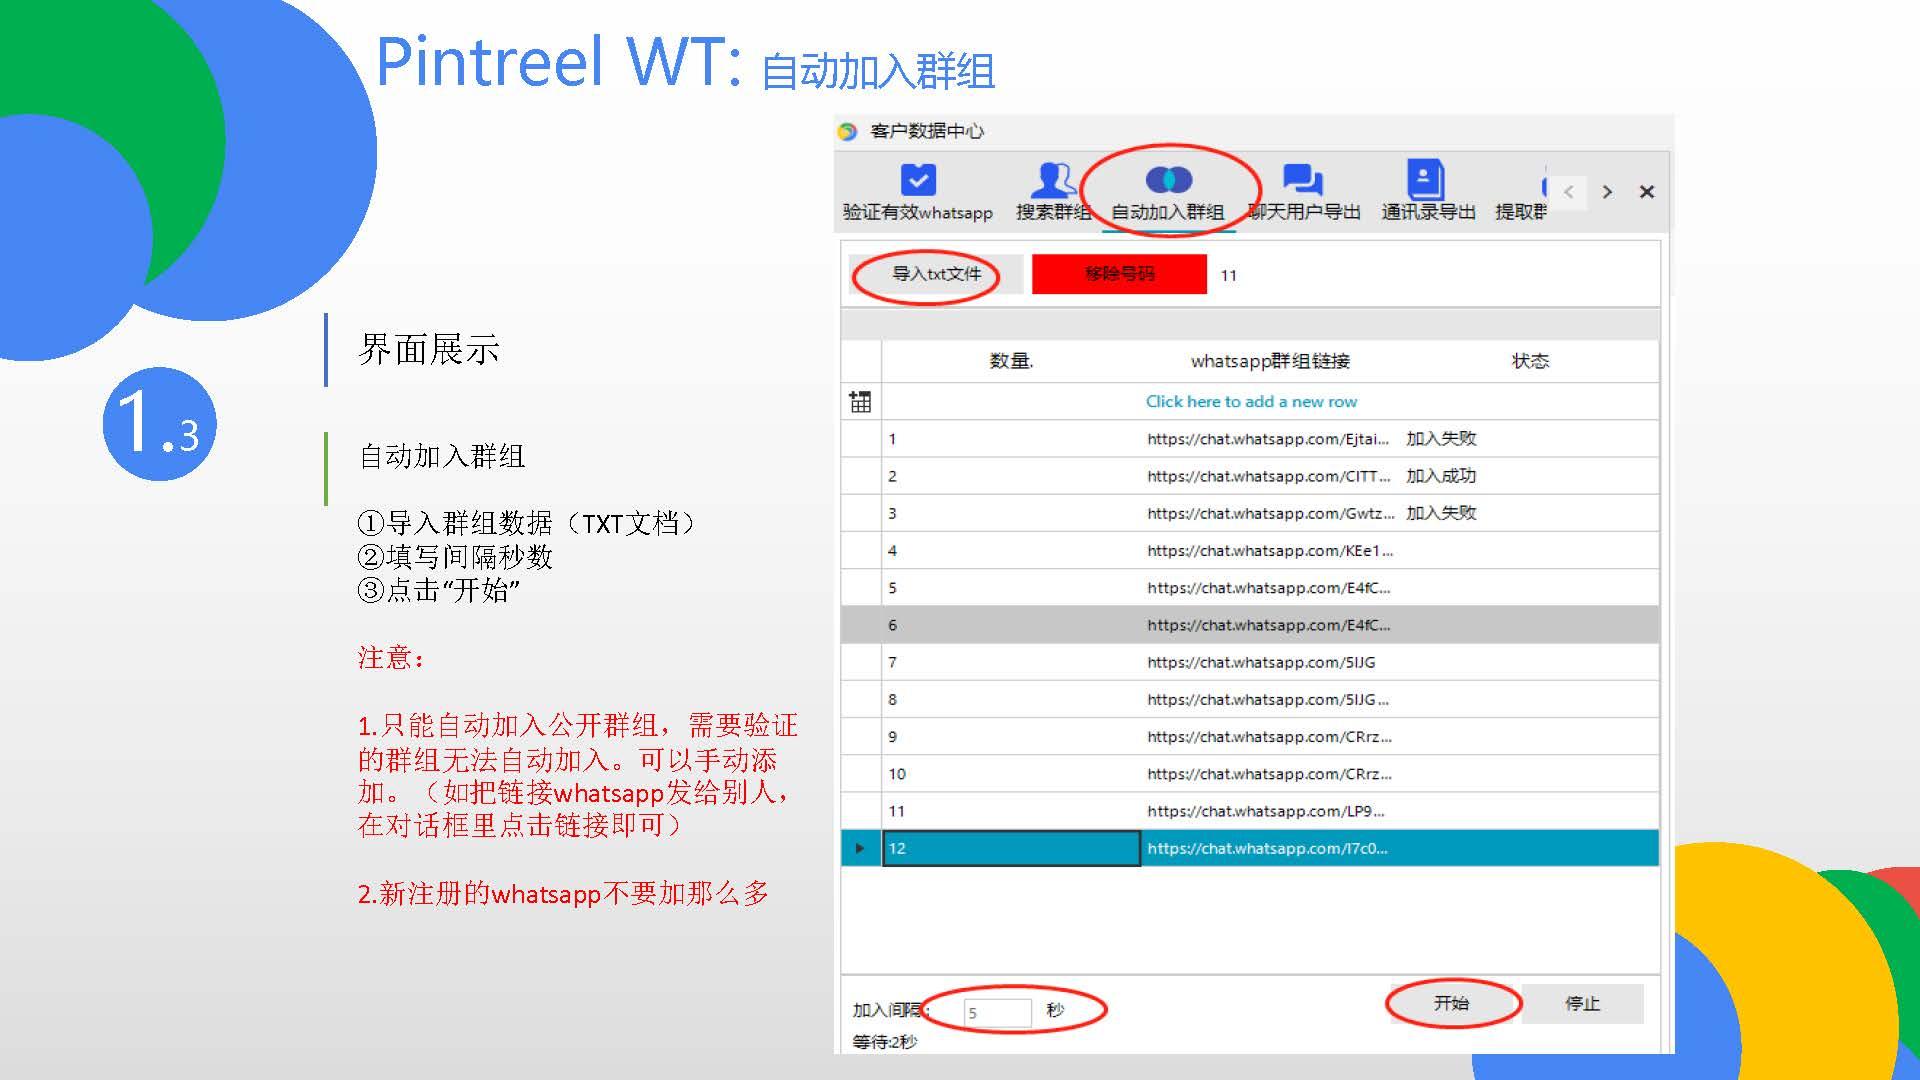 Pintreel WT 使用教程4.0_页面_08